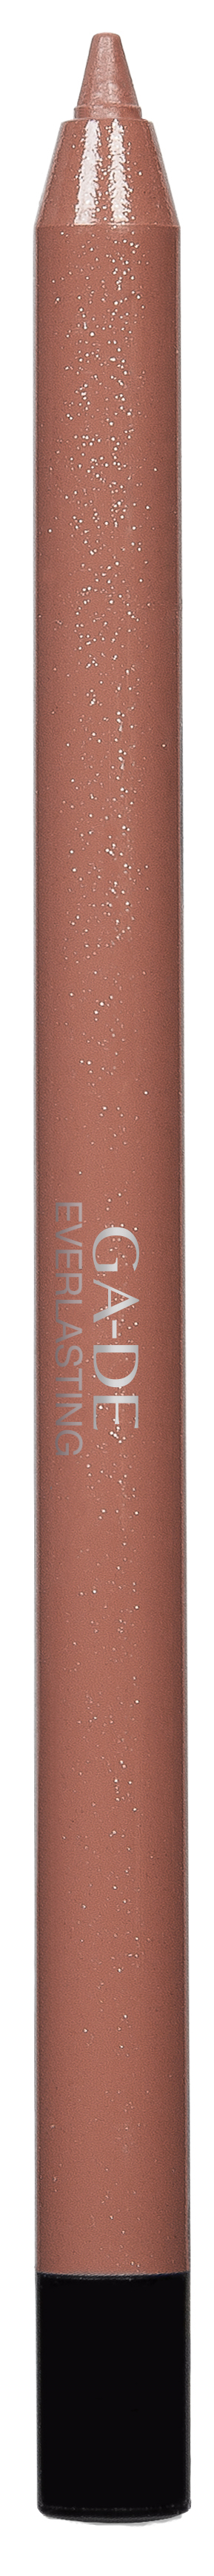 Карандаш для губ Ga-De Everlasting Lip Liner 82 0,5 г фото